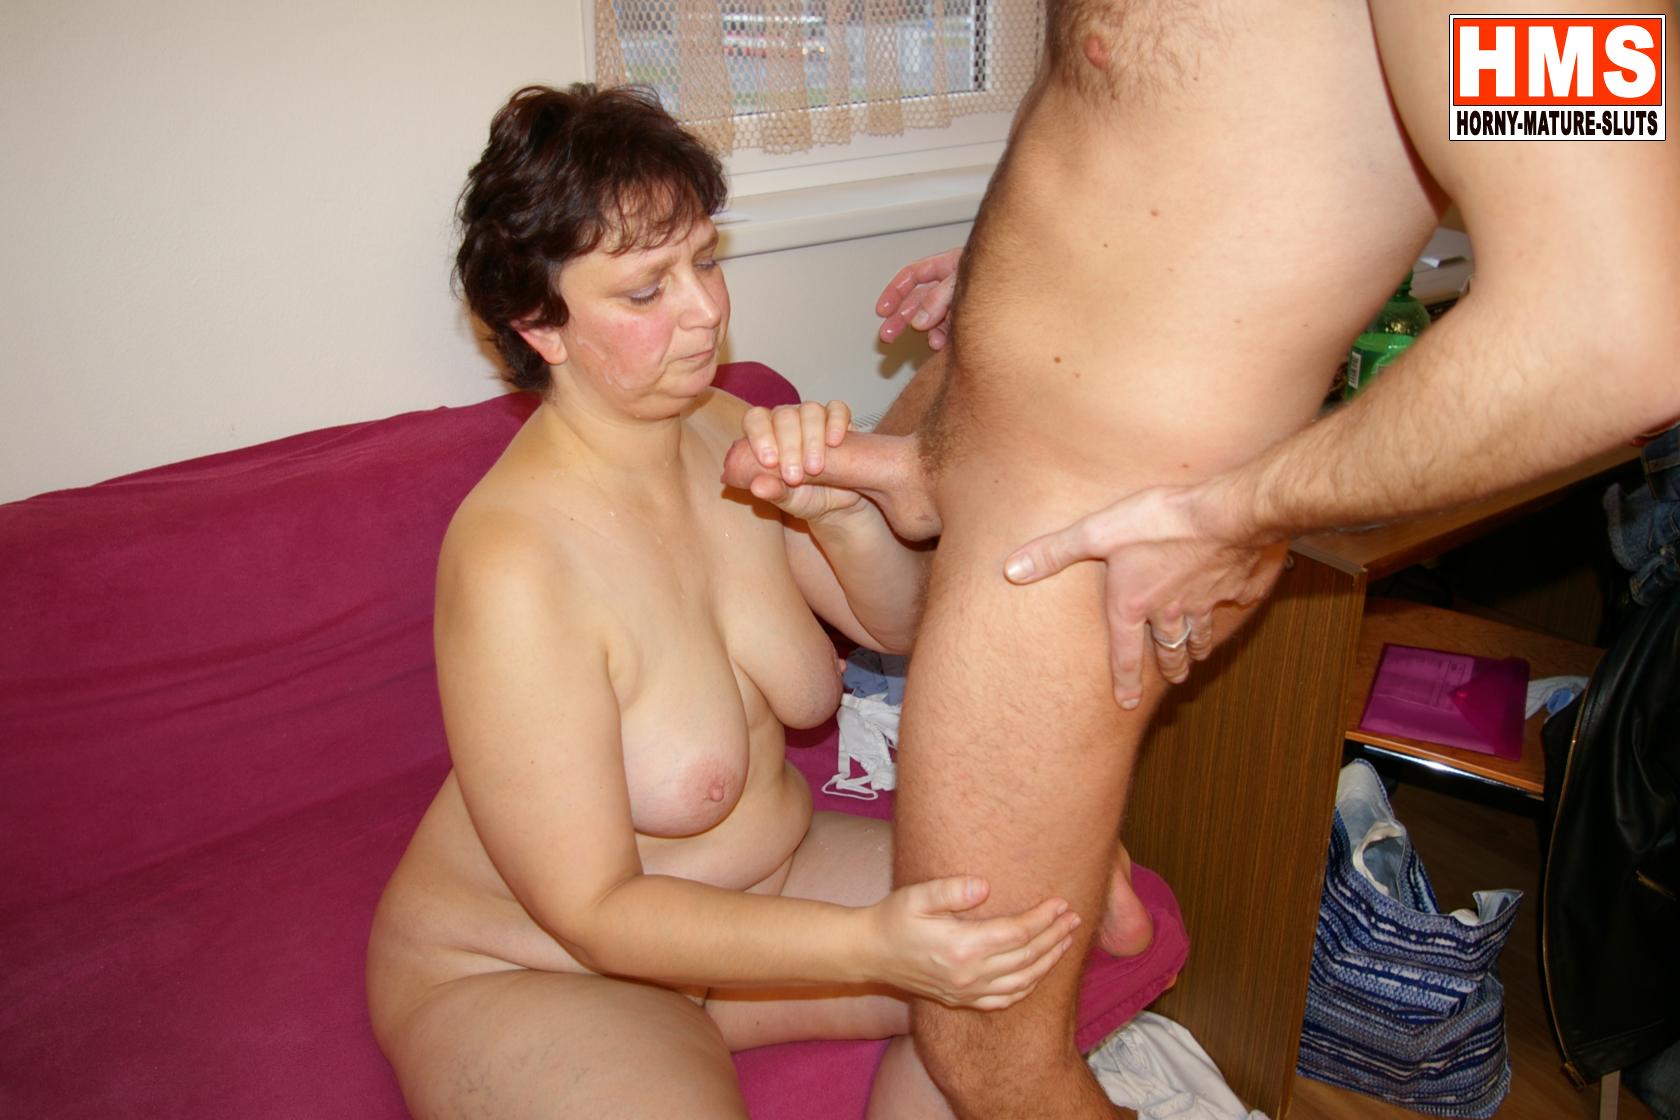 Erotic missionary sex scenes